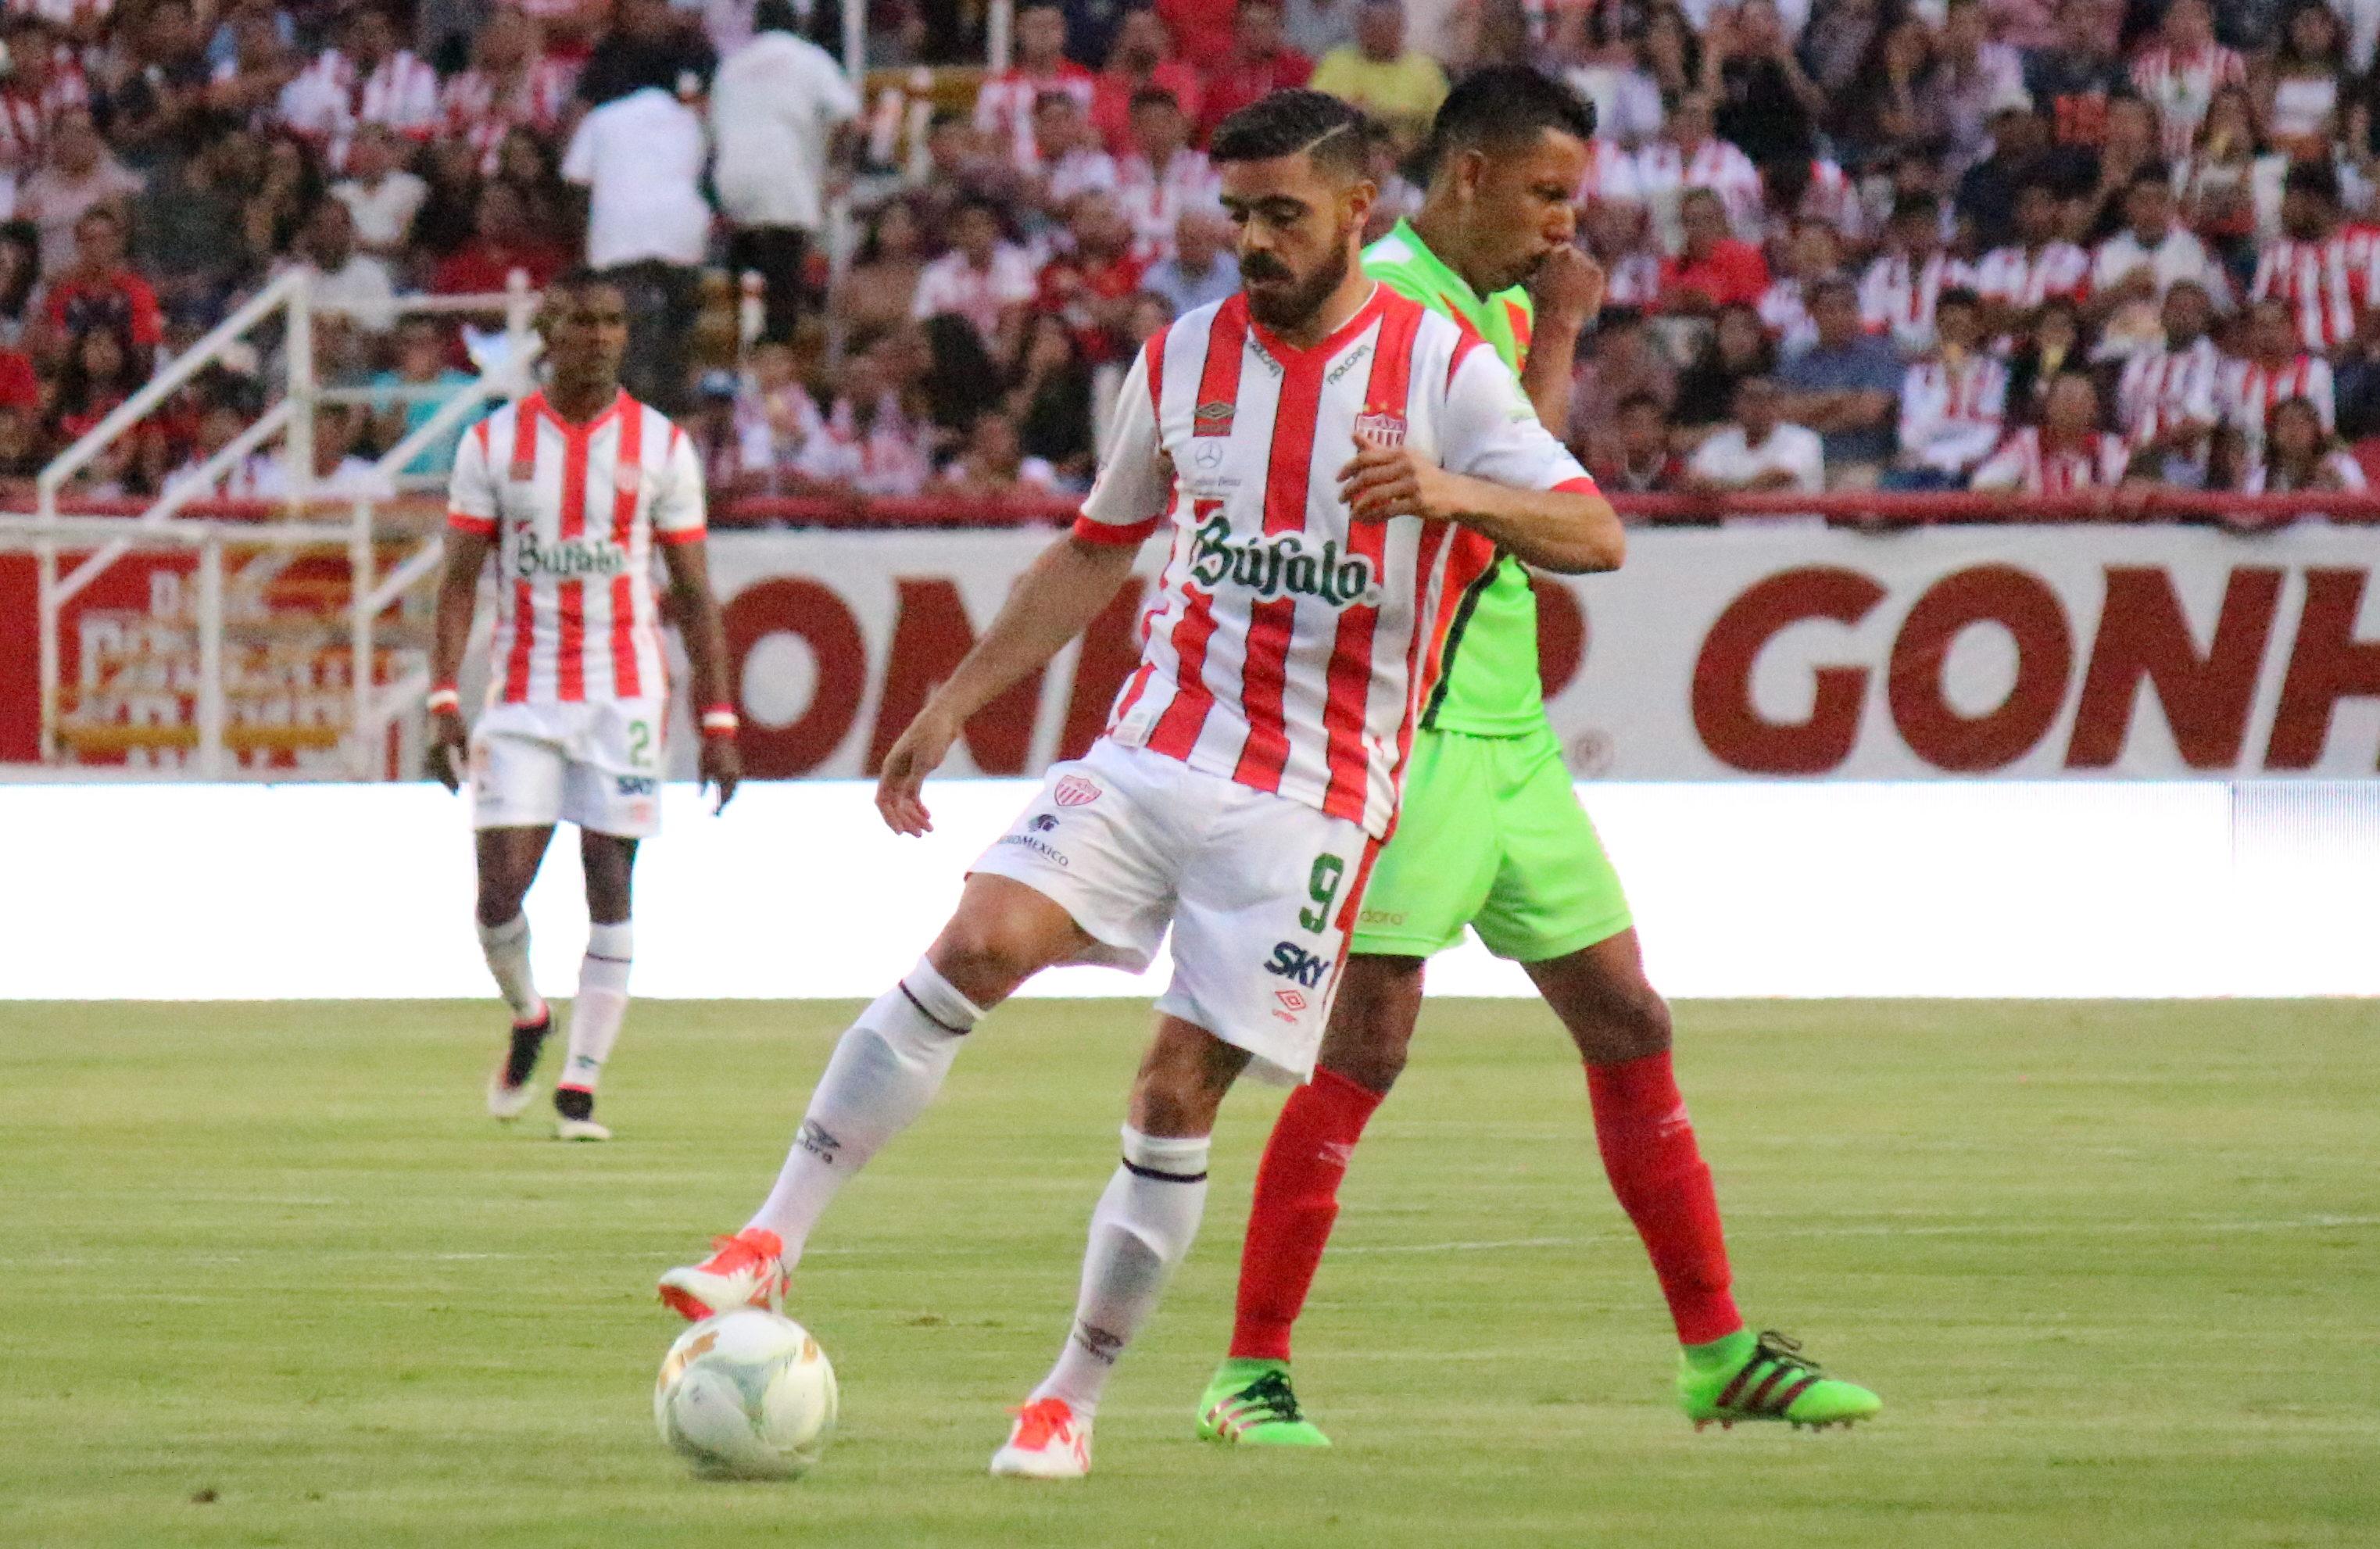 Ventaja es ventaja: Rodrigo Prieto